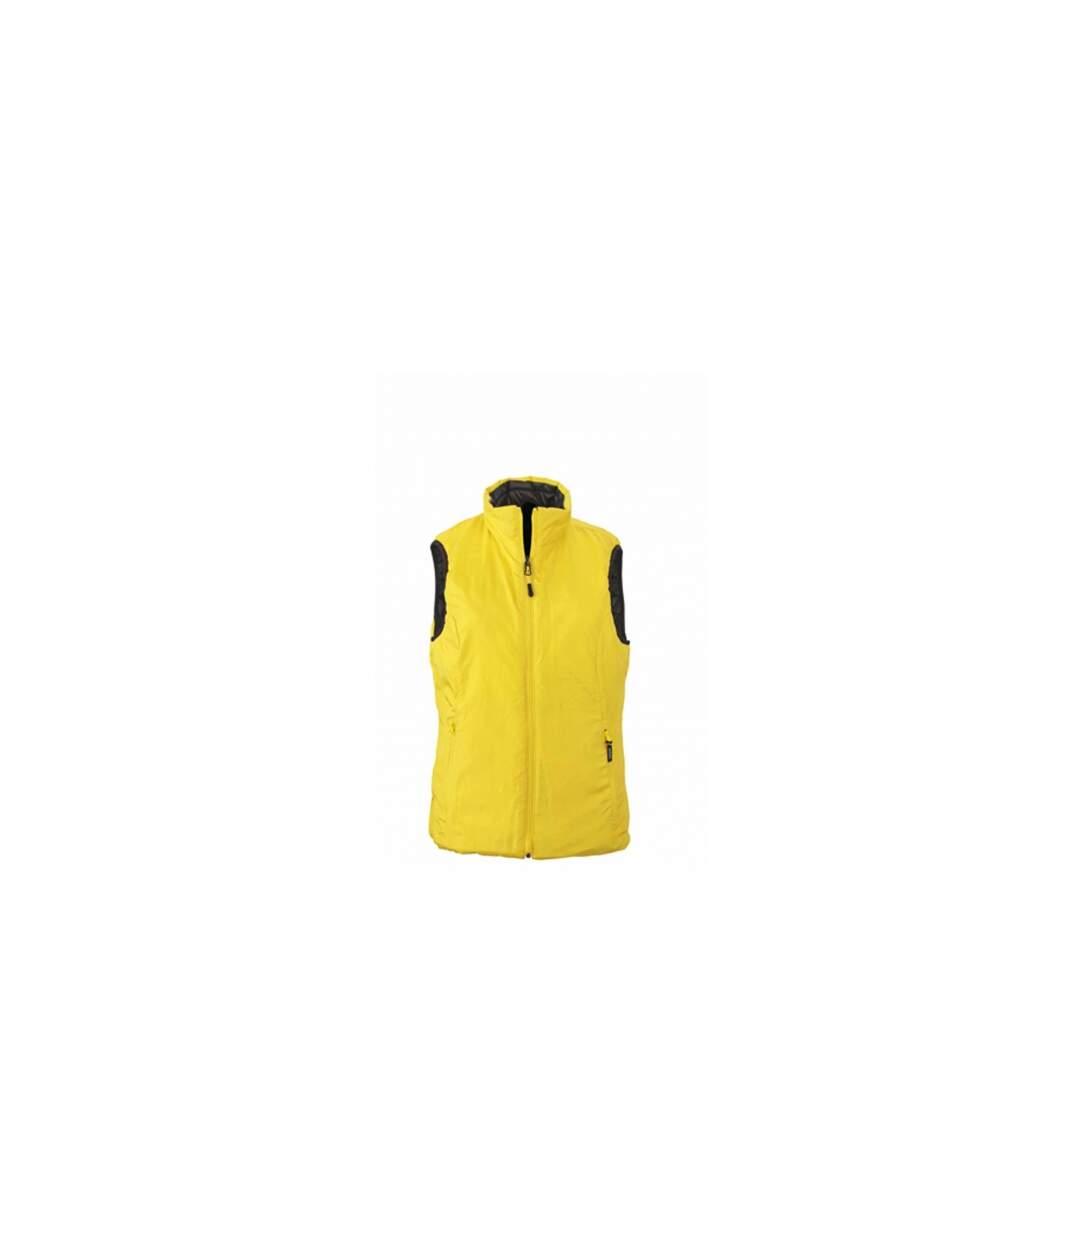 Doudoune sans manche FEMME JN1089 - noir - yellow - réversible légère fine